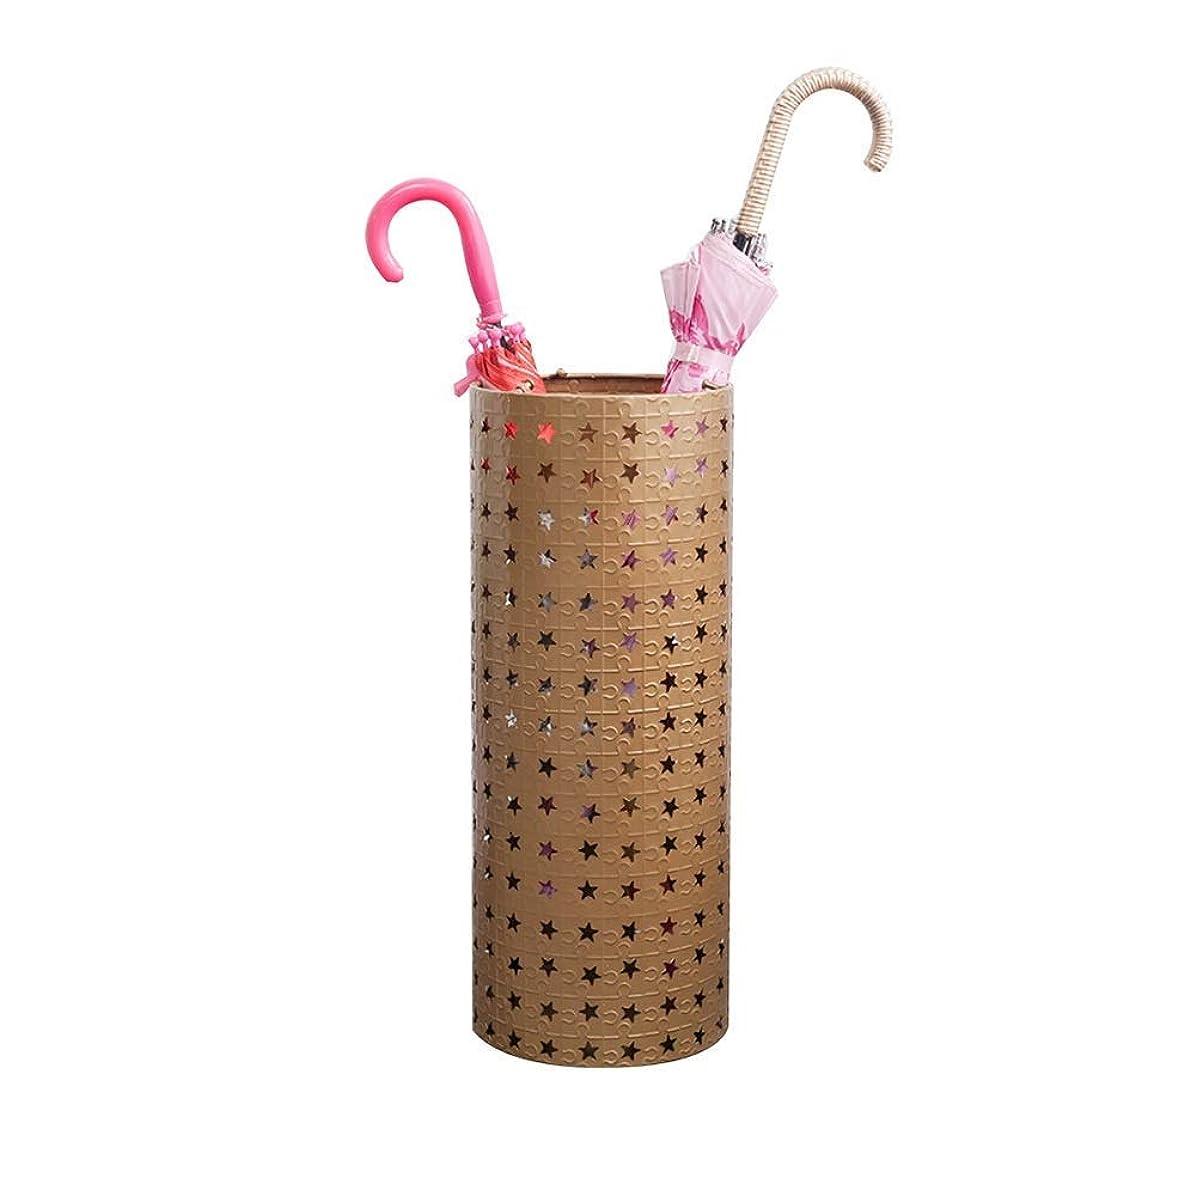 動作シャットクック傘立て、20X50cm円形傘樽彫刻傘立て収納濡れた傘棚に適したシンプルな傘立て3色廊下傘立て(色:金)